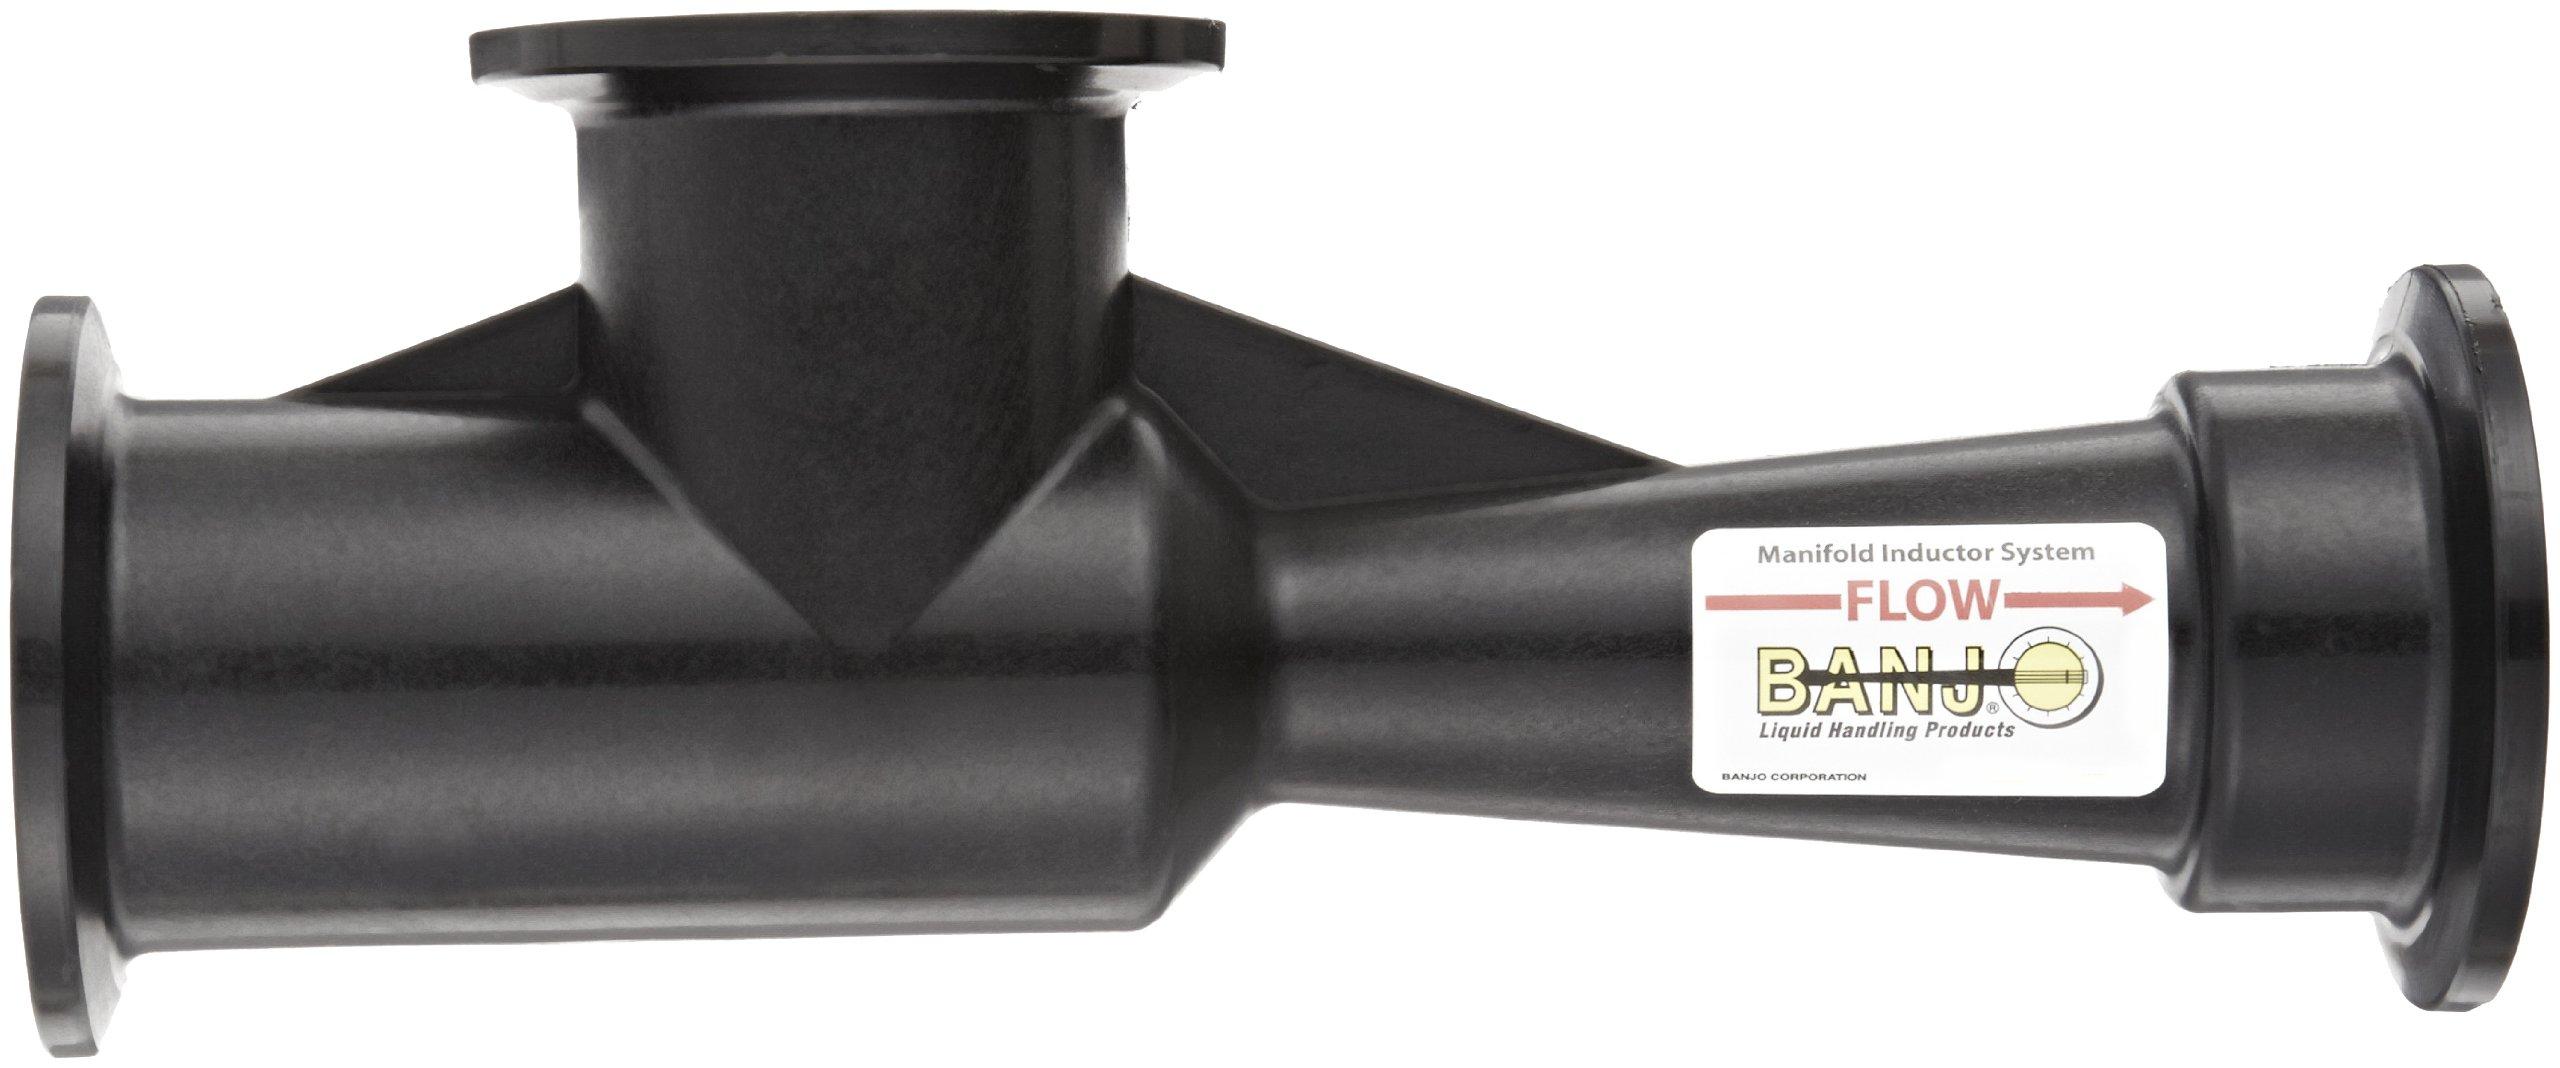 Banjo MHV220A 2'' Full Port Manifold Polypropylene Venturi by Banjo Corp (Image #2)